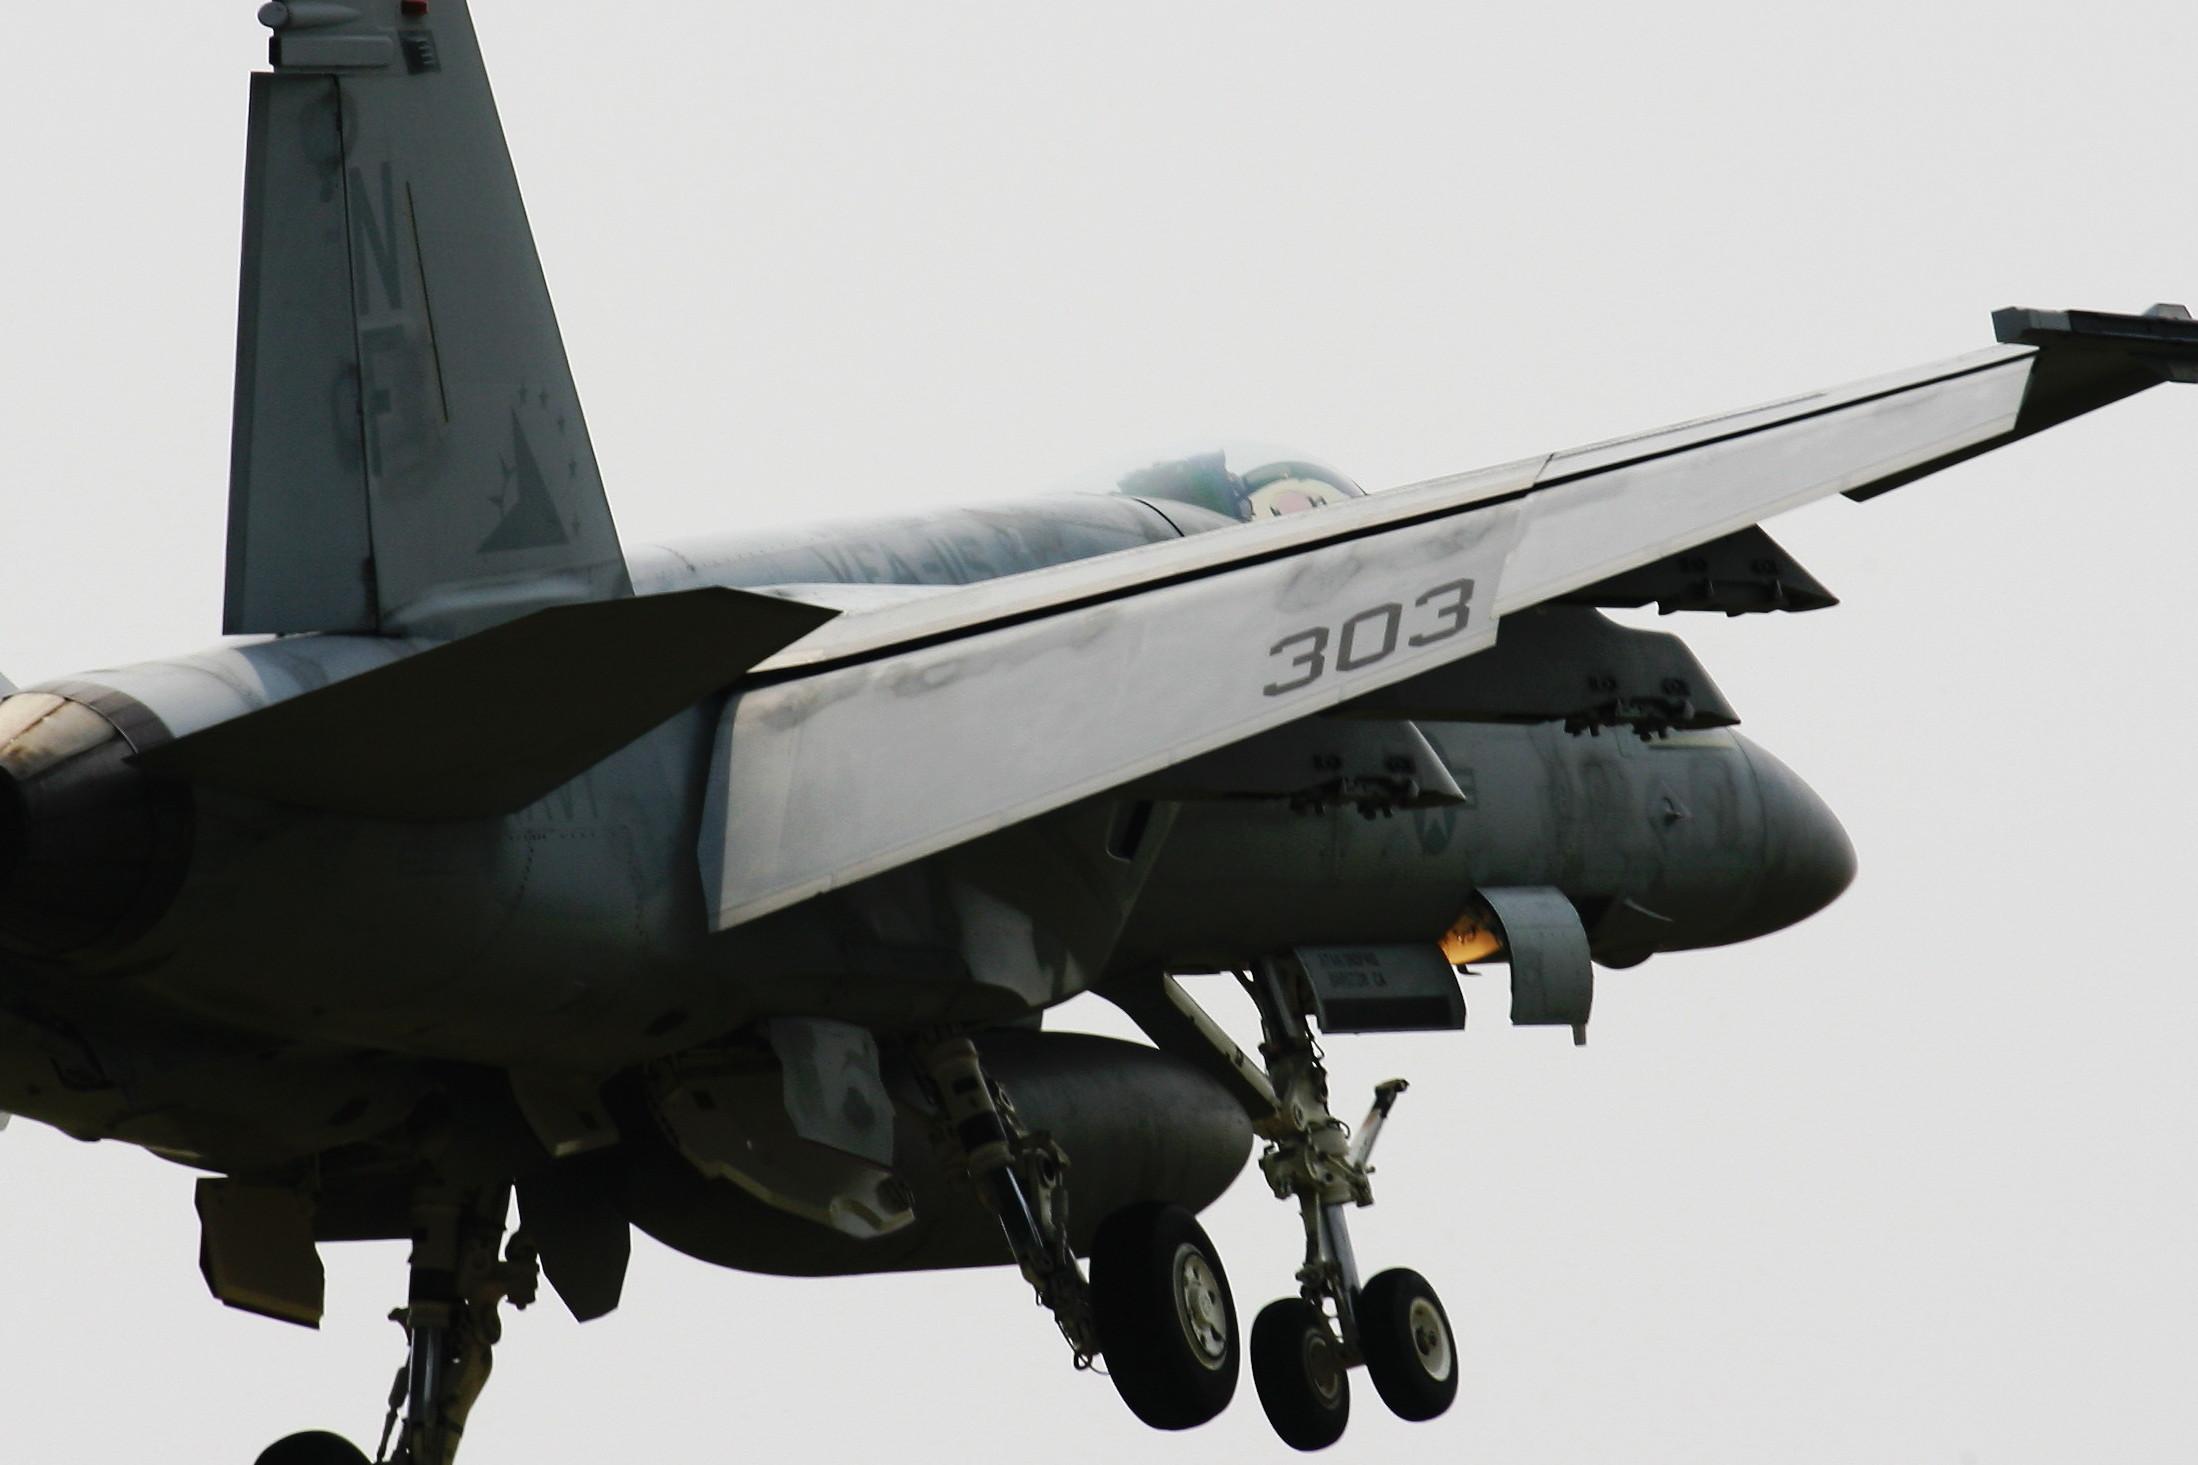 ドドぉ~んと、戦闘機の在庫整理です。_c0247982_22504862.jpg